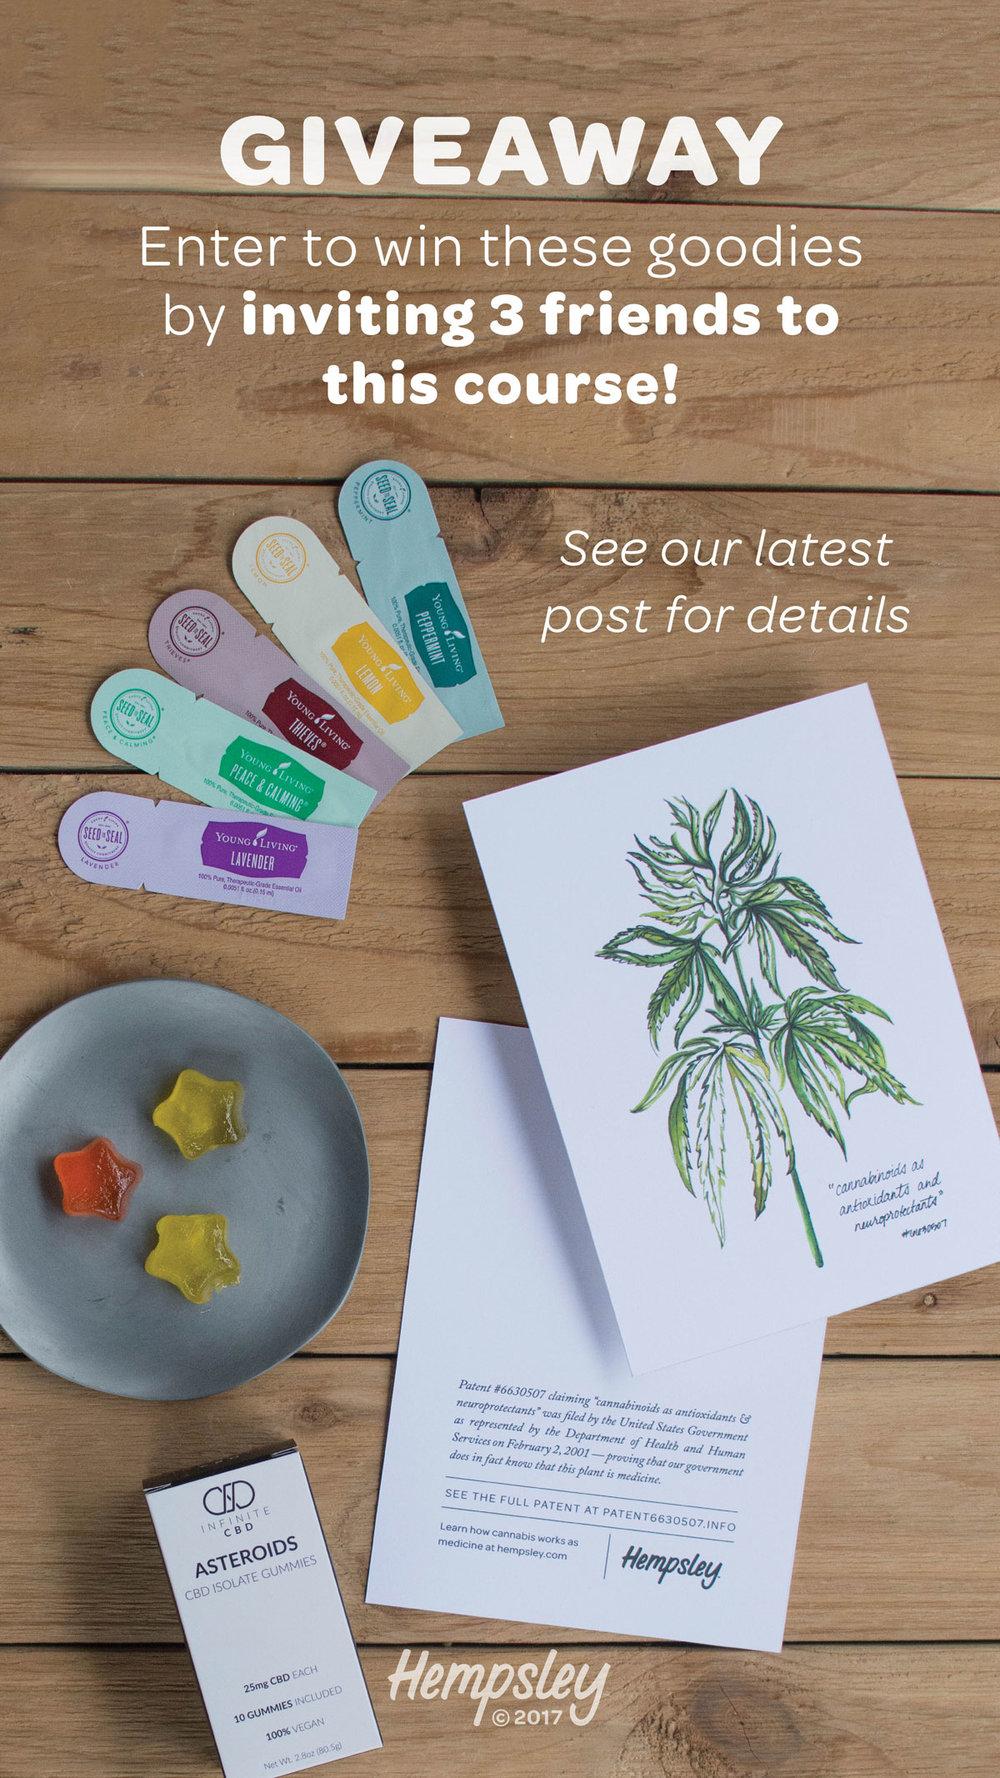 giveaway2-terpenes-essentialoils-instagram-course-SEPT2017-1200px.jpg